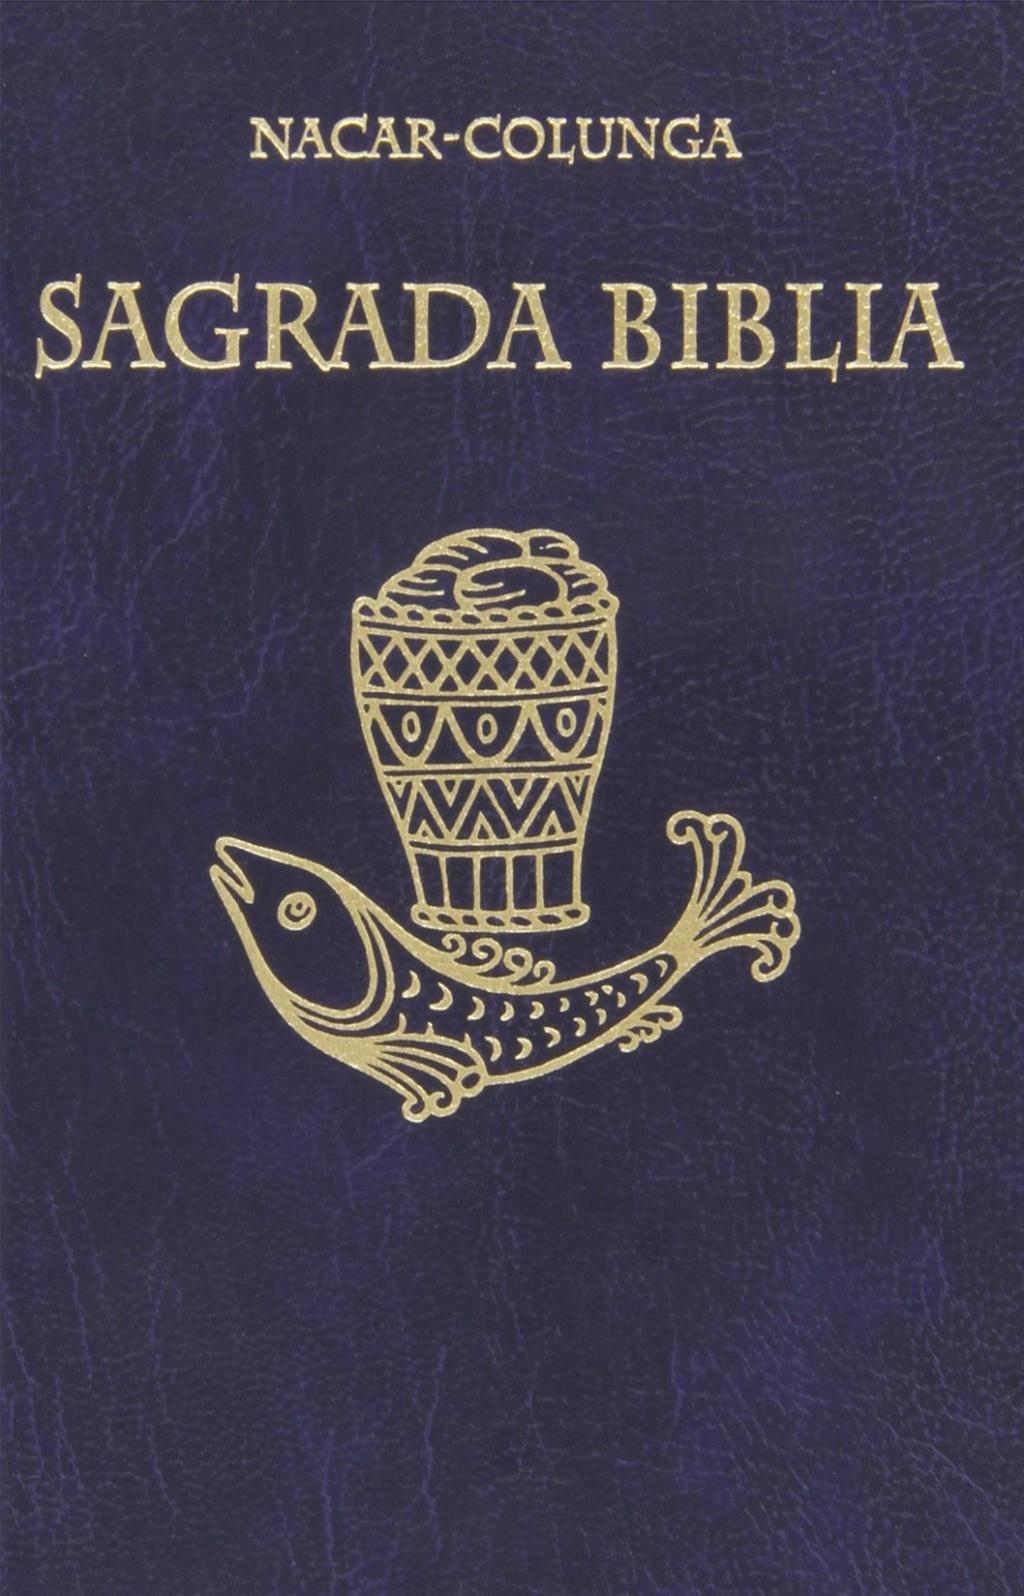 Quelle Bible choisir ???? - Page 6 Nacar_11